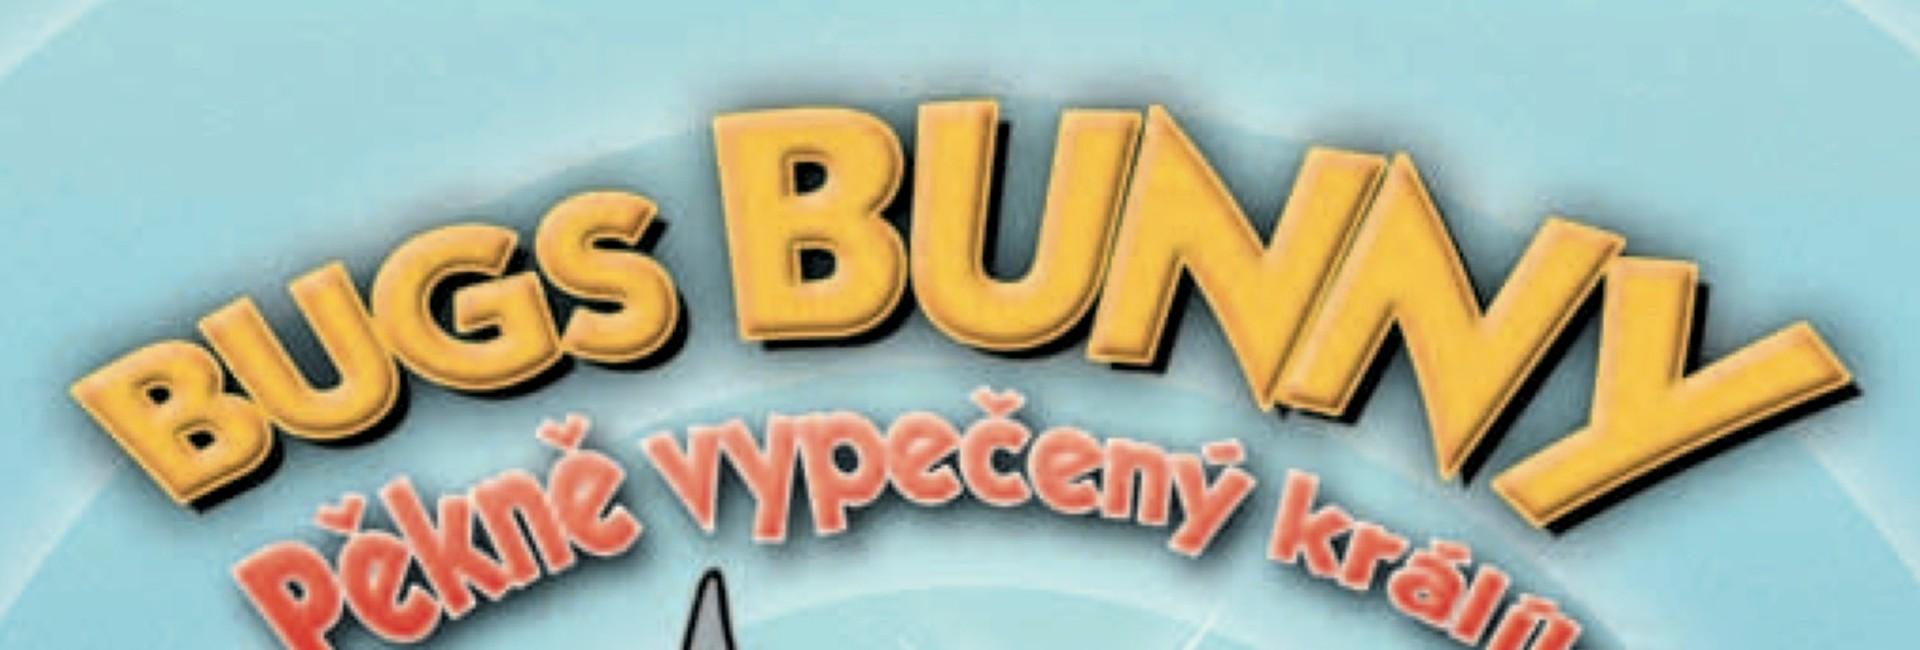 Bugs Bunny: Pekne vypečený zajac